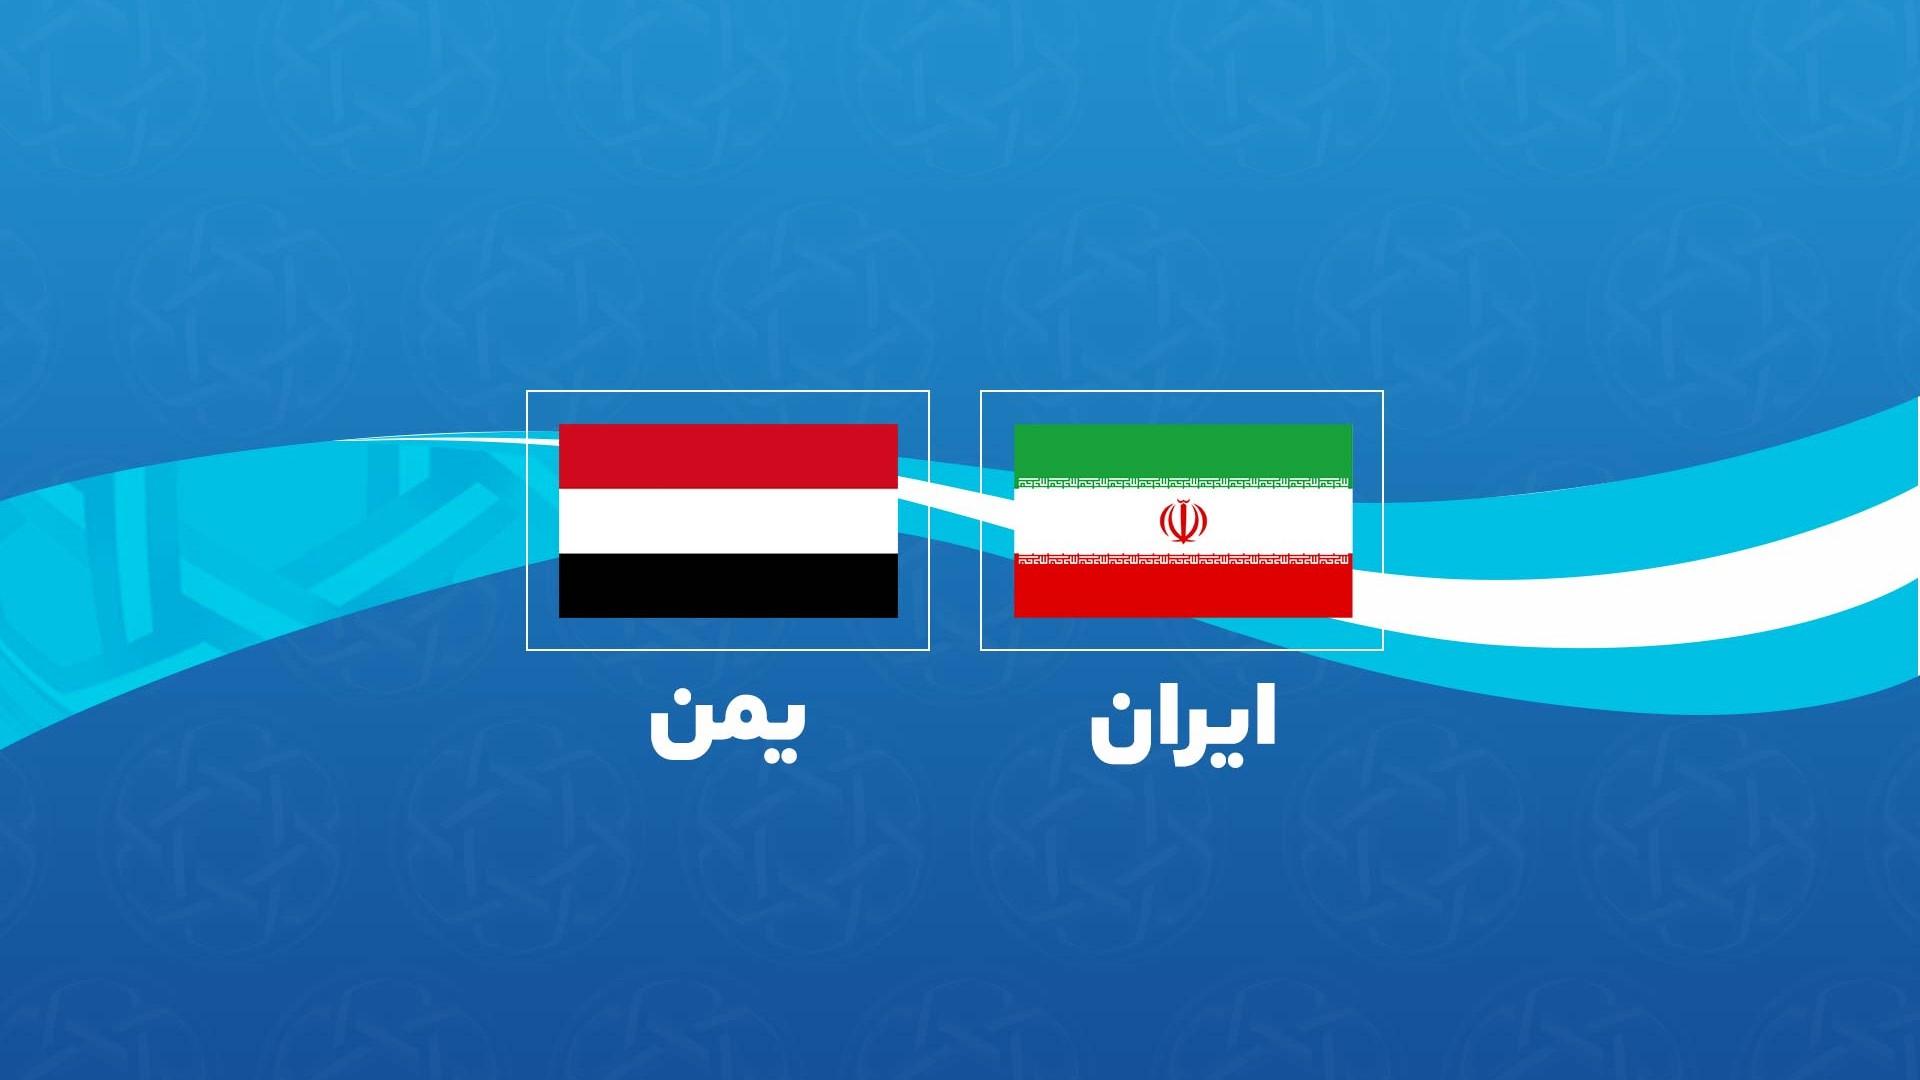 برگزاری جلسه هماهنگی دیدار تیمهای ملی فوتبال ایران و یمن